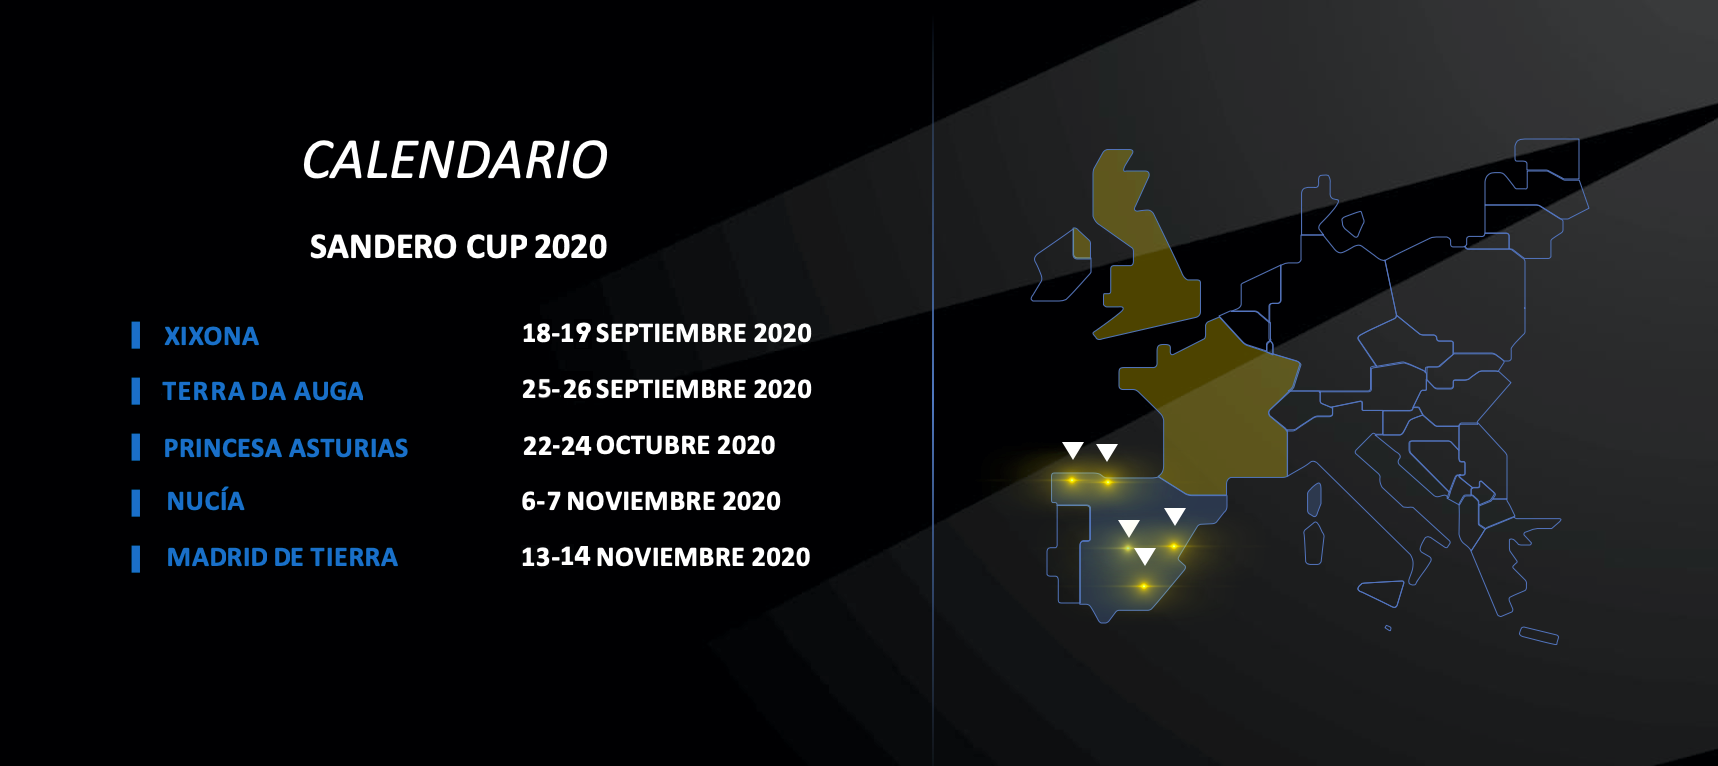 Imagen del calendario de Sandero Cup